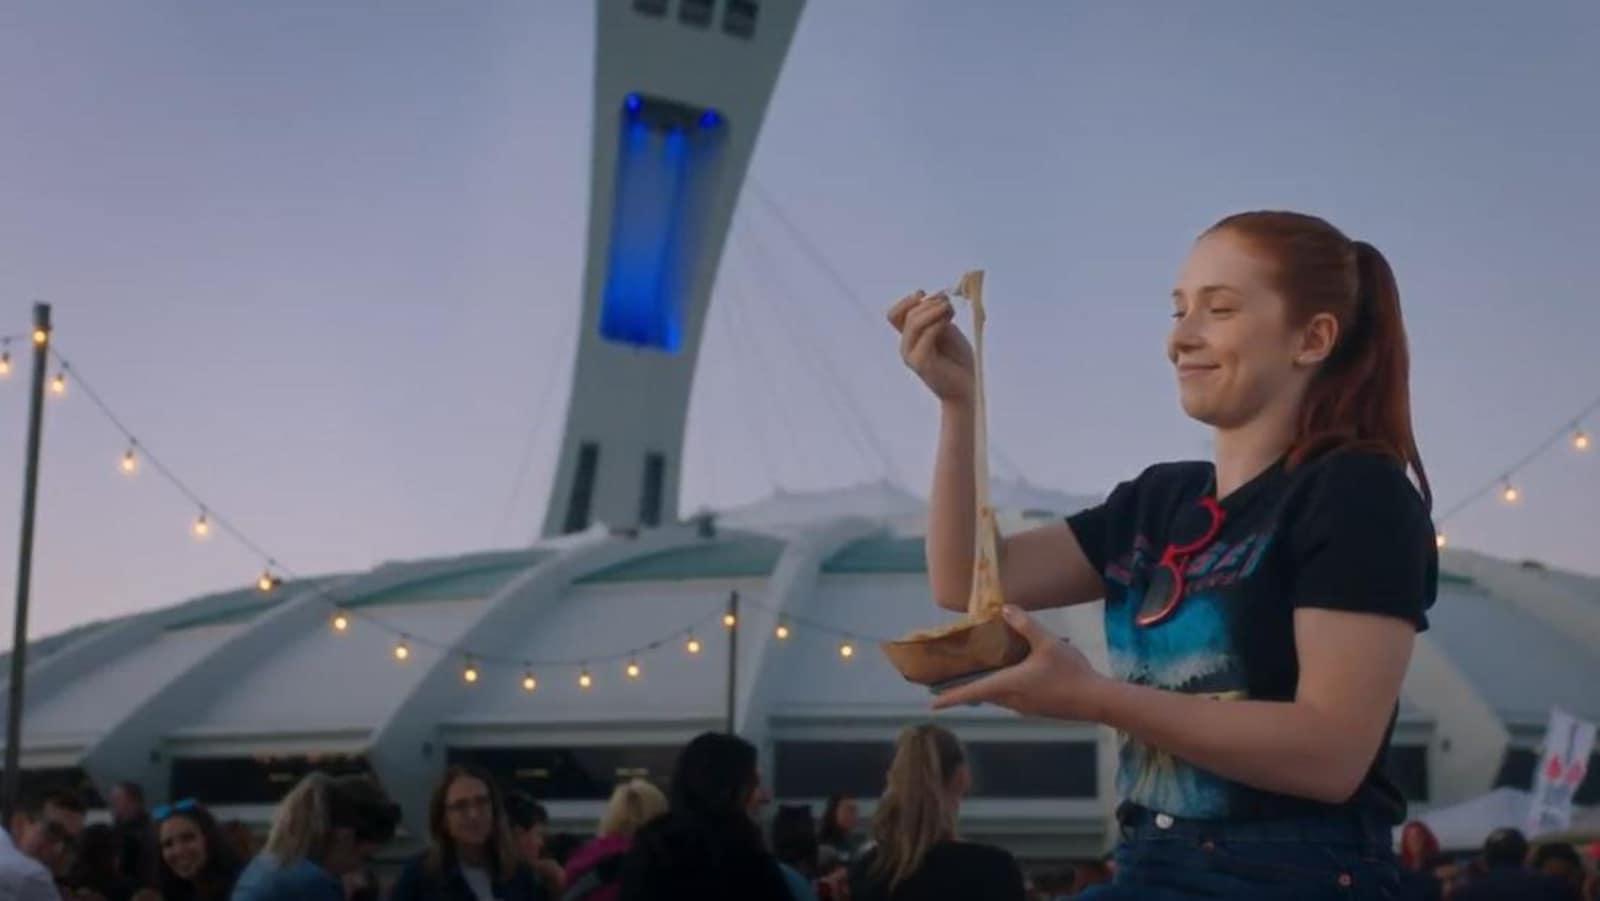 Une jeune femme mange une poutine devant le stade olympique.